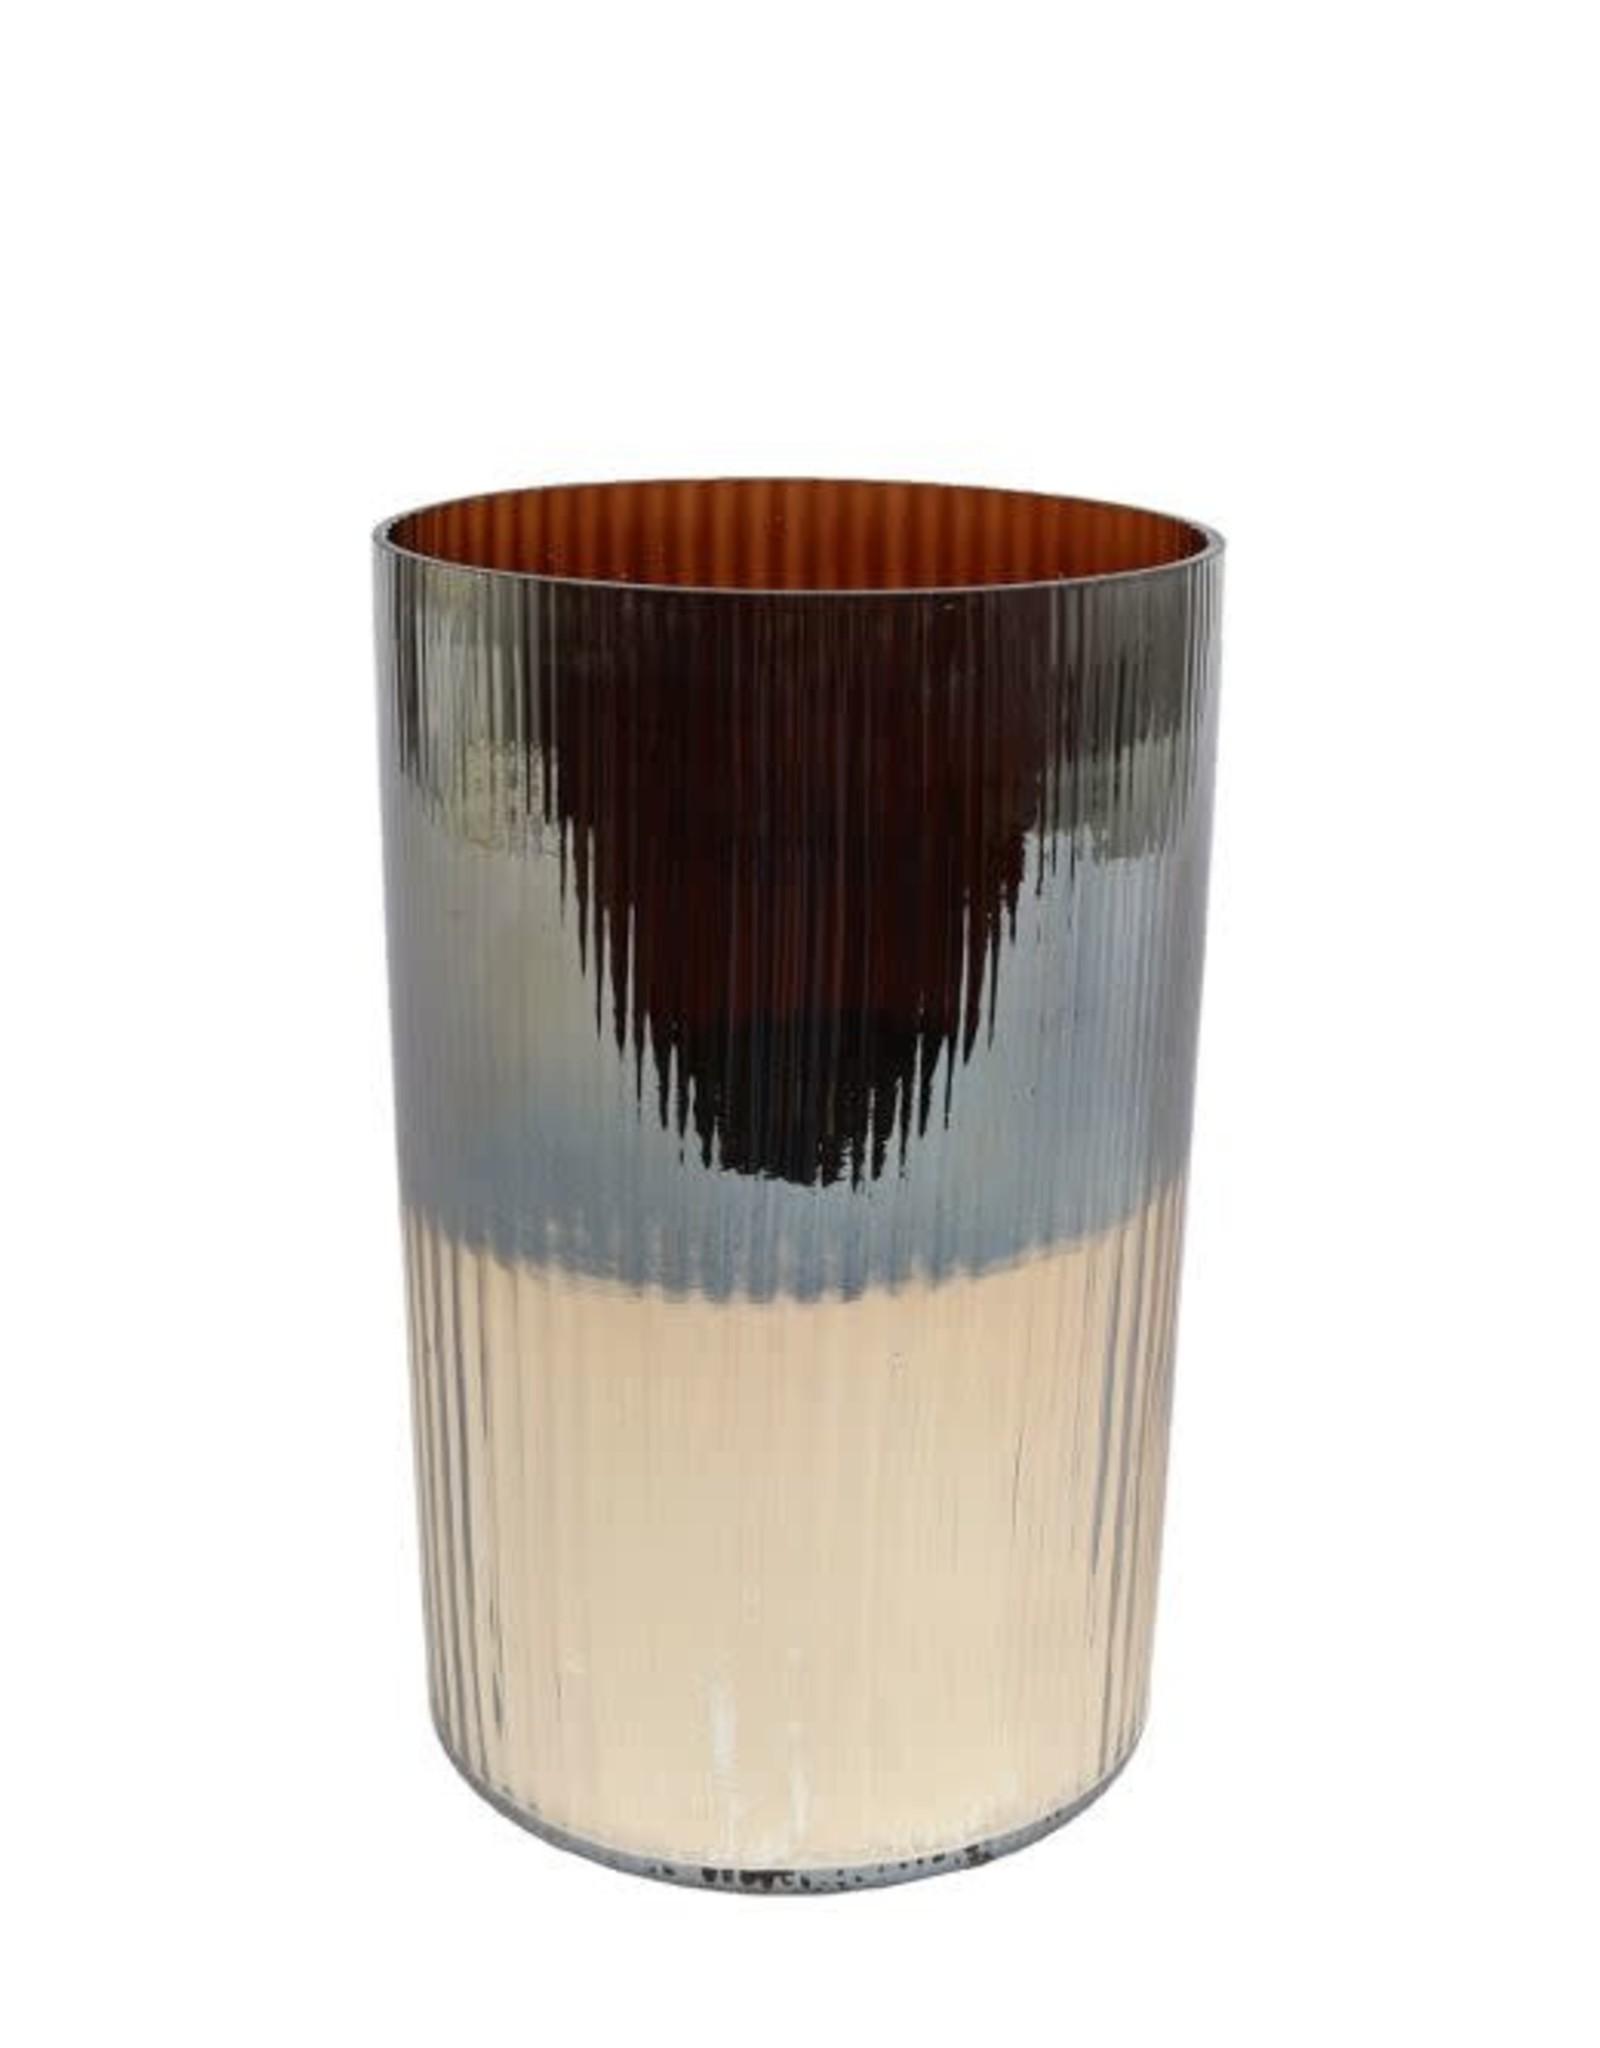 Windlicht rond Ralf L bruin/goud glas 12,5x12,5x20cm